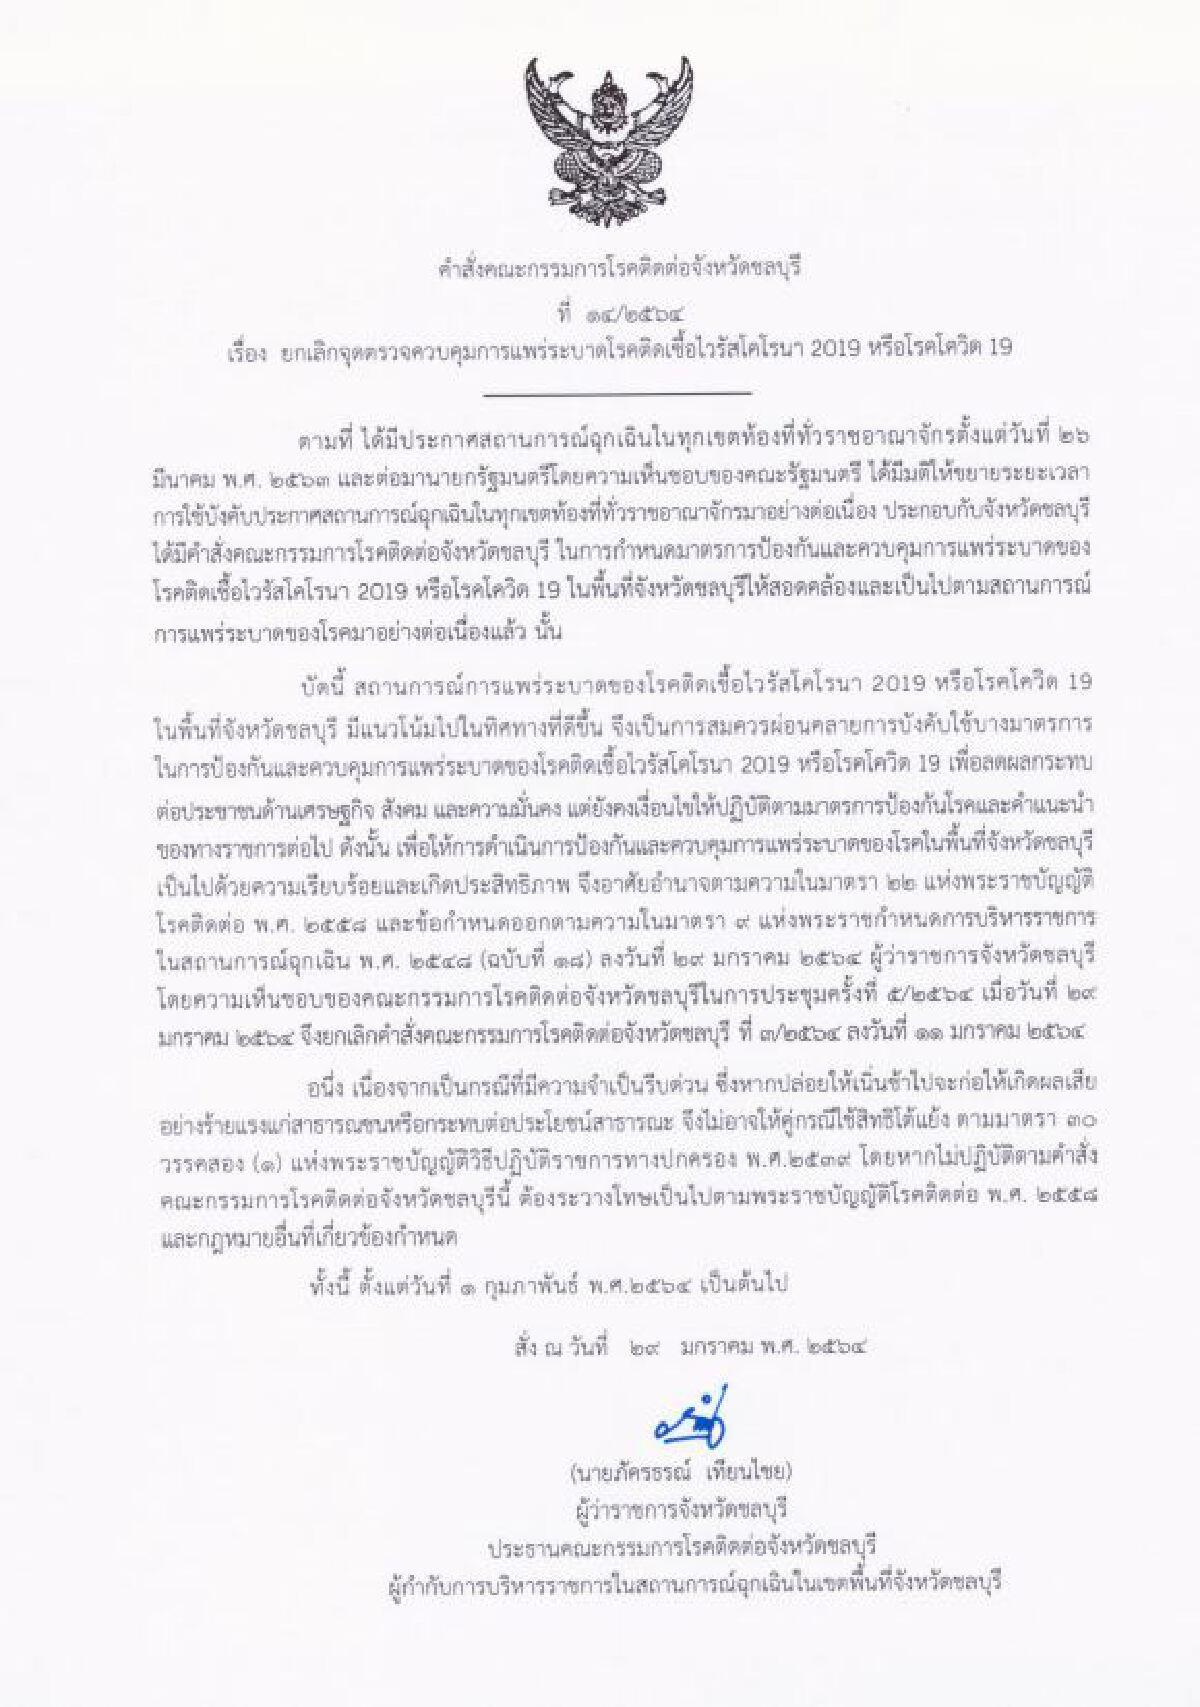 ชลบุรี สั่งยกเลิกจุดตรวจ ด่านคัดกรองทั้ง 17 จุด ตั้งแต่ 1 ก.พ. 64